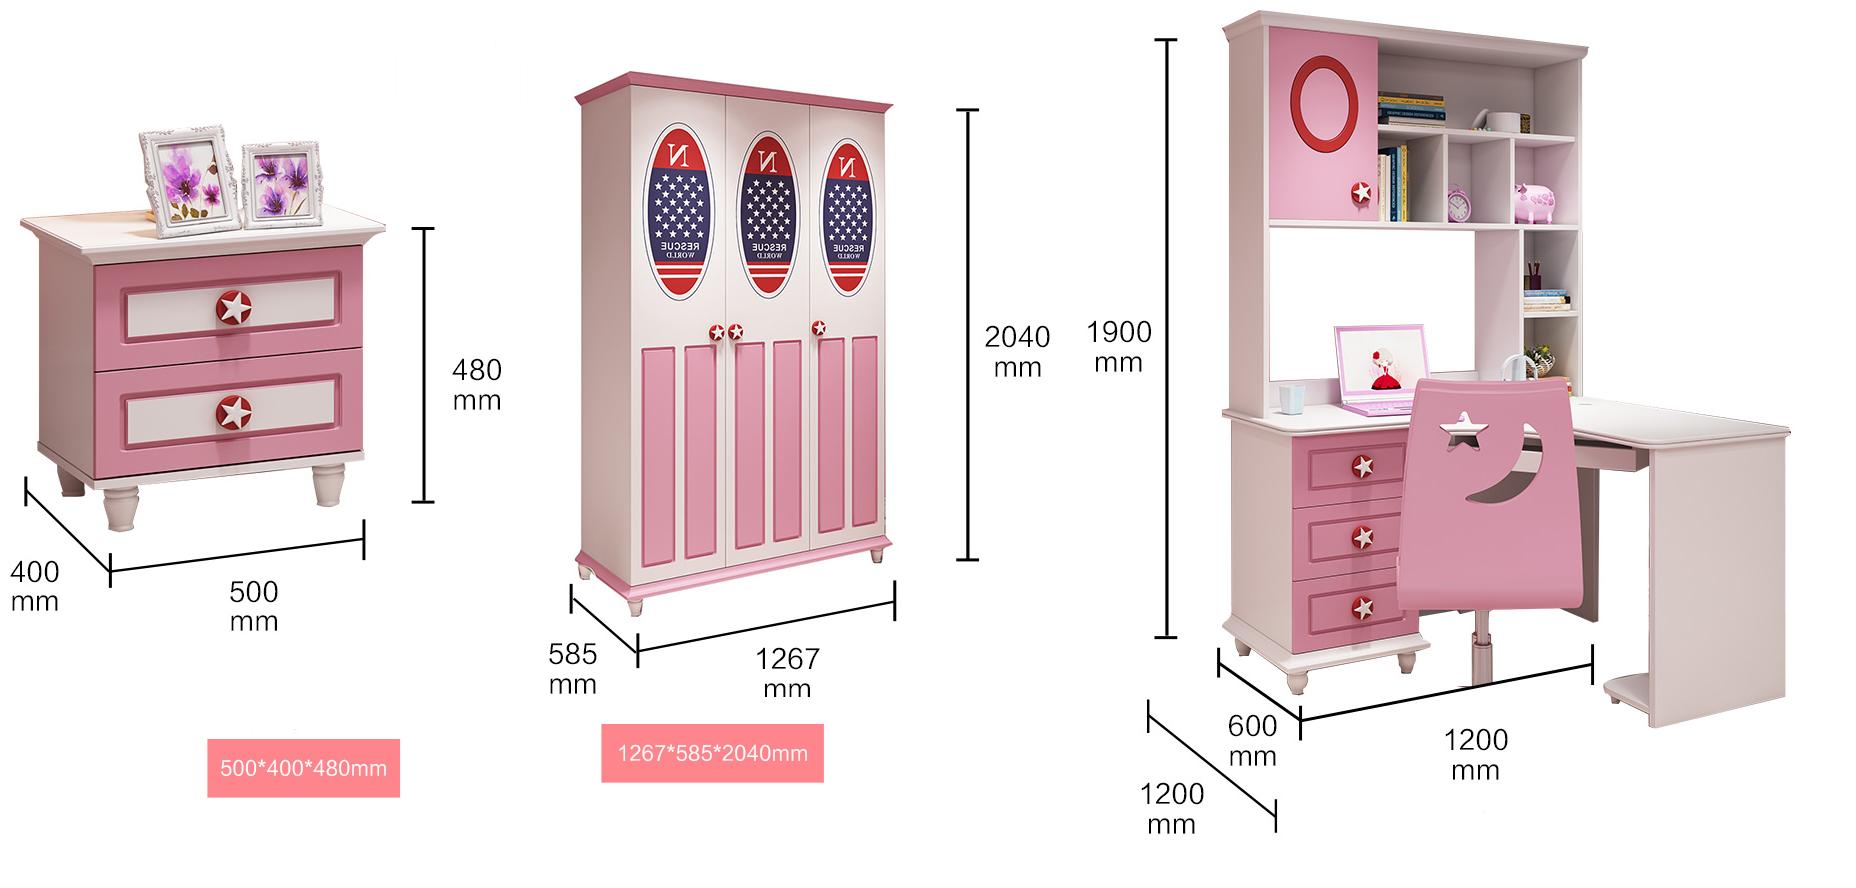 Bộ nội thất phòng ngủ đẹp cho bé gái GBG-03